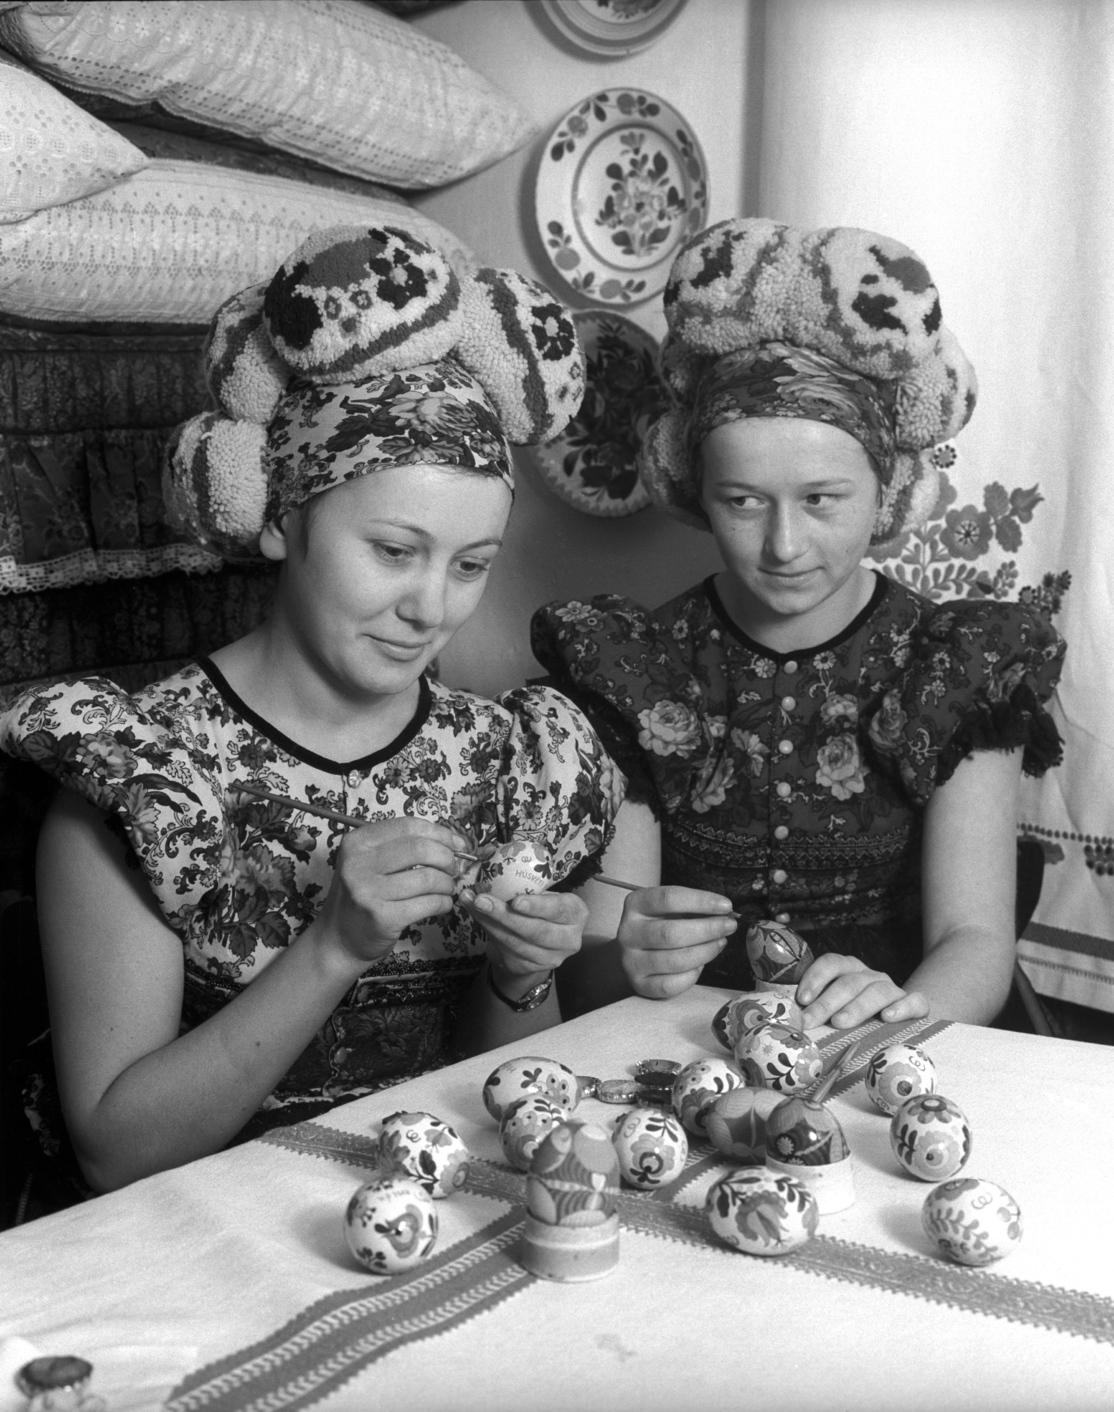 Mezőkövesd, 1966. március 17. Papp Margit (b) és Agócs Anna (j) a Mezőkövesdi Matyó Háziipari Szövetkezet tagjai húsvéti tojást fest. A Mezőkövesdi Matyó Háziipari Szövetkezet évek óta jelentős külföldi megrendelést kap húsvéti tojás festésre, főképp Franciaországba és Hollandiába szállítanak a matyómintás tojásokból. Az elmúlt hetekben kétezer festett tojást exportáltak Párizsba, ezek közül a legszebbeket az ottani Magyar Hetek kiállításán is bemutatják. MTI Fotó: Kunkovács László